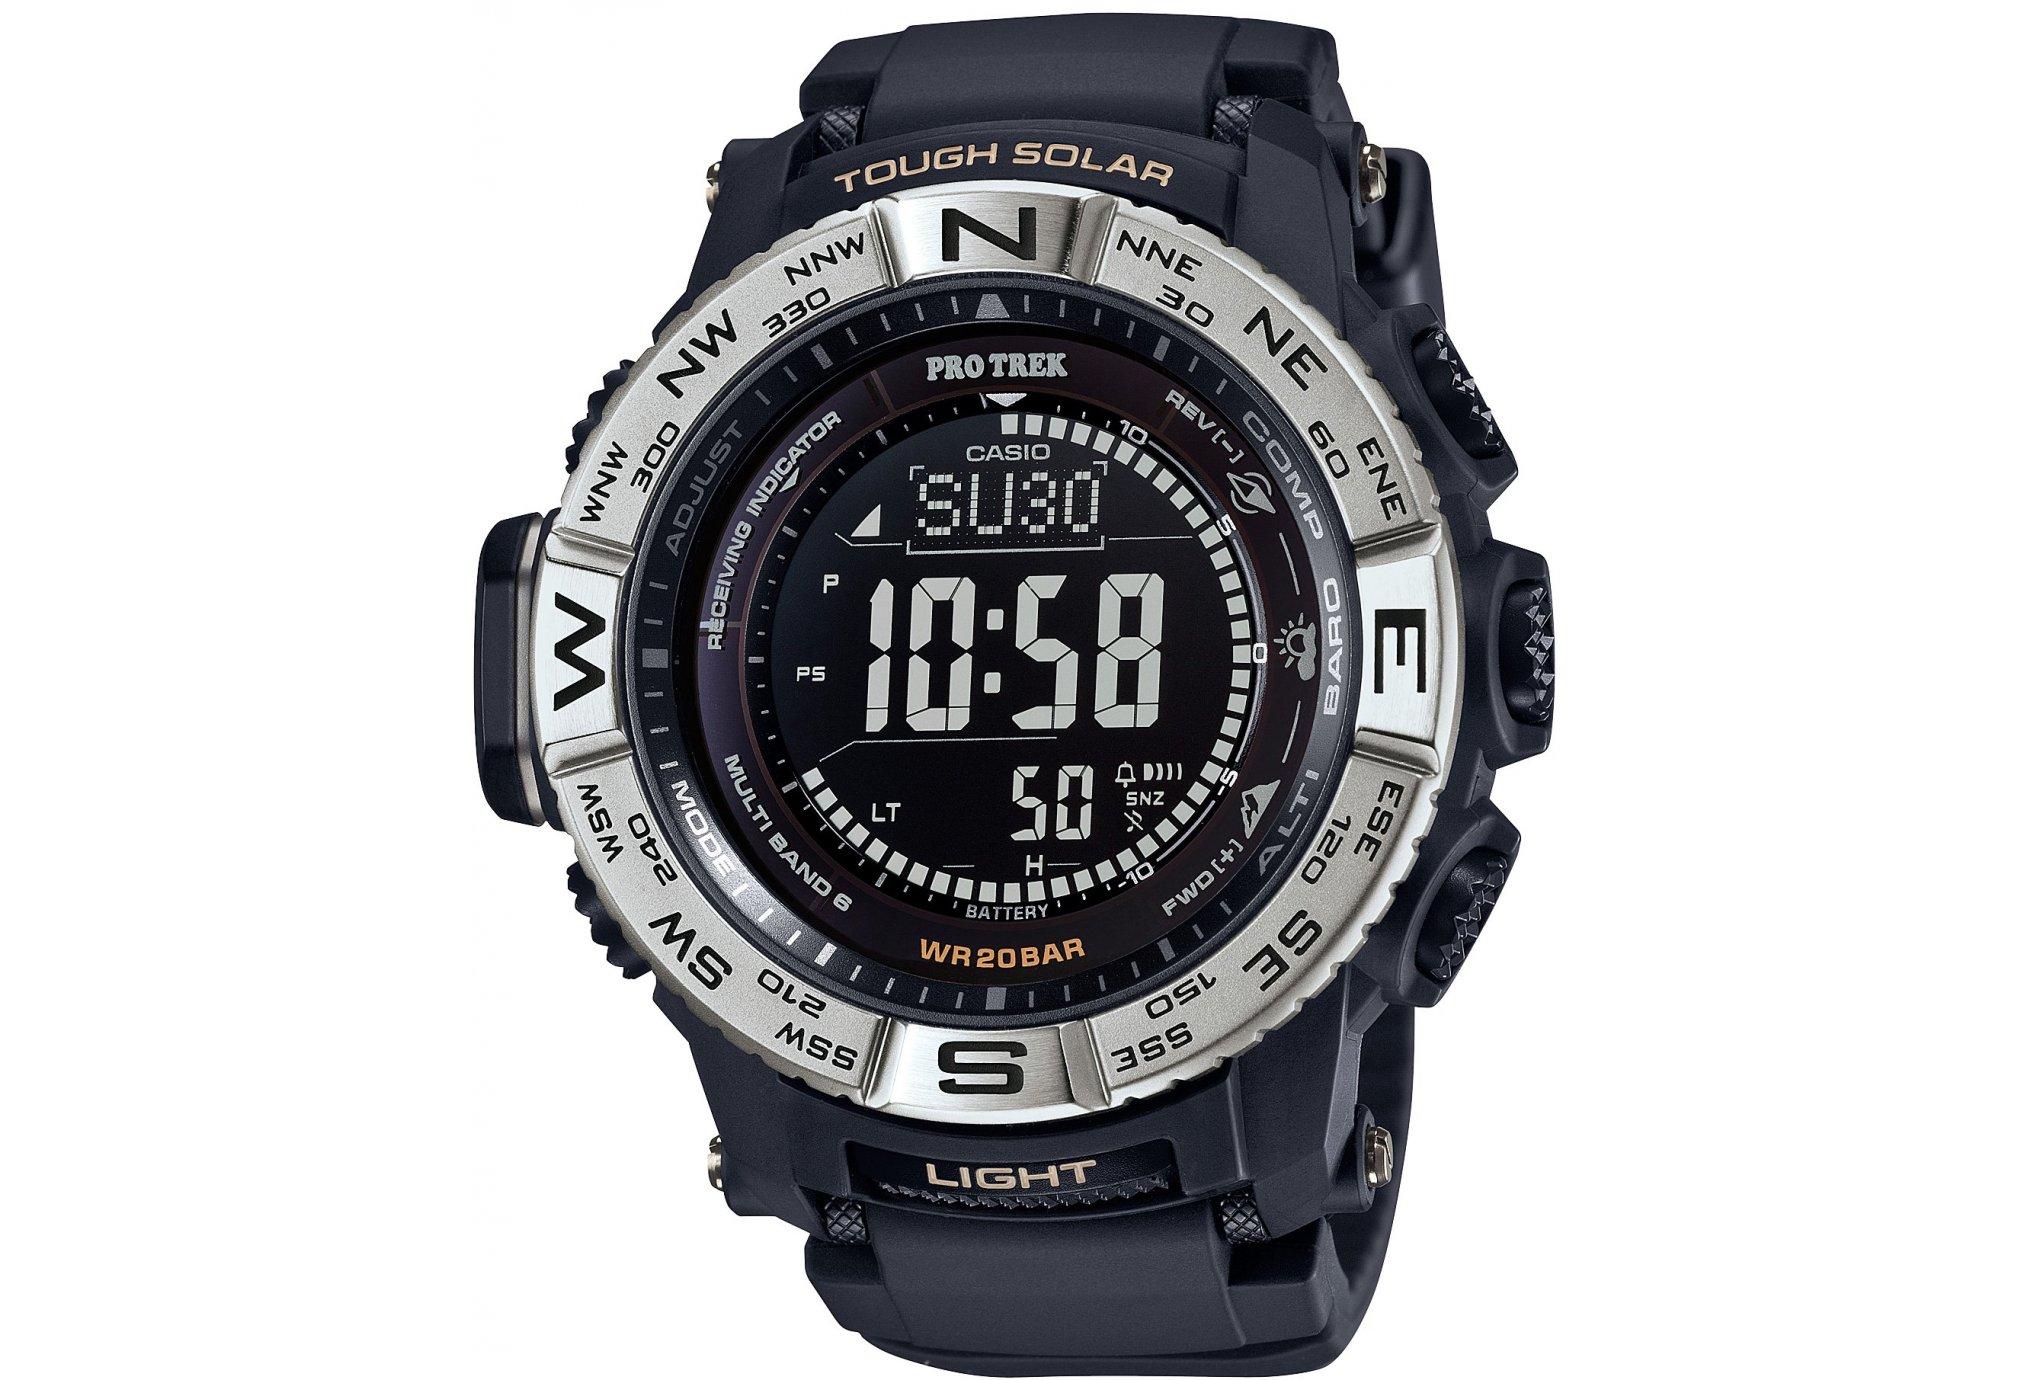 Casio Prw-3510 montres de sport